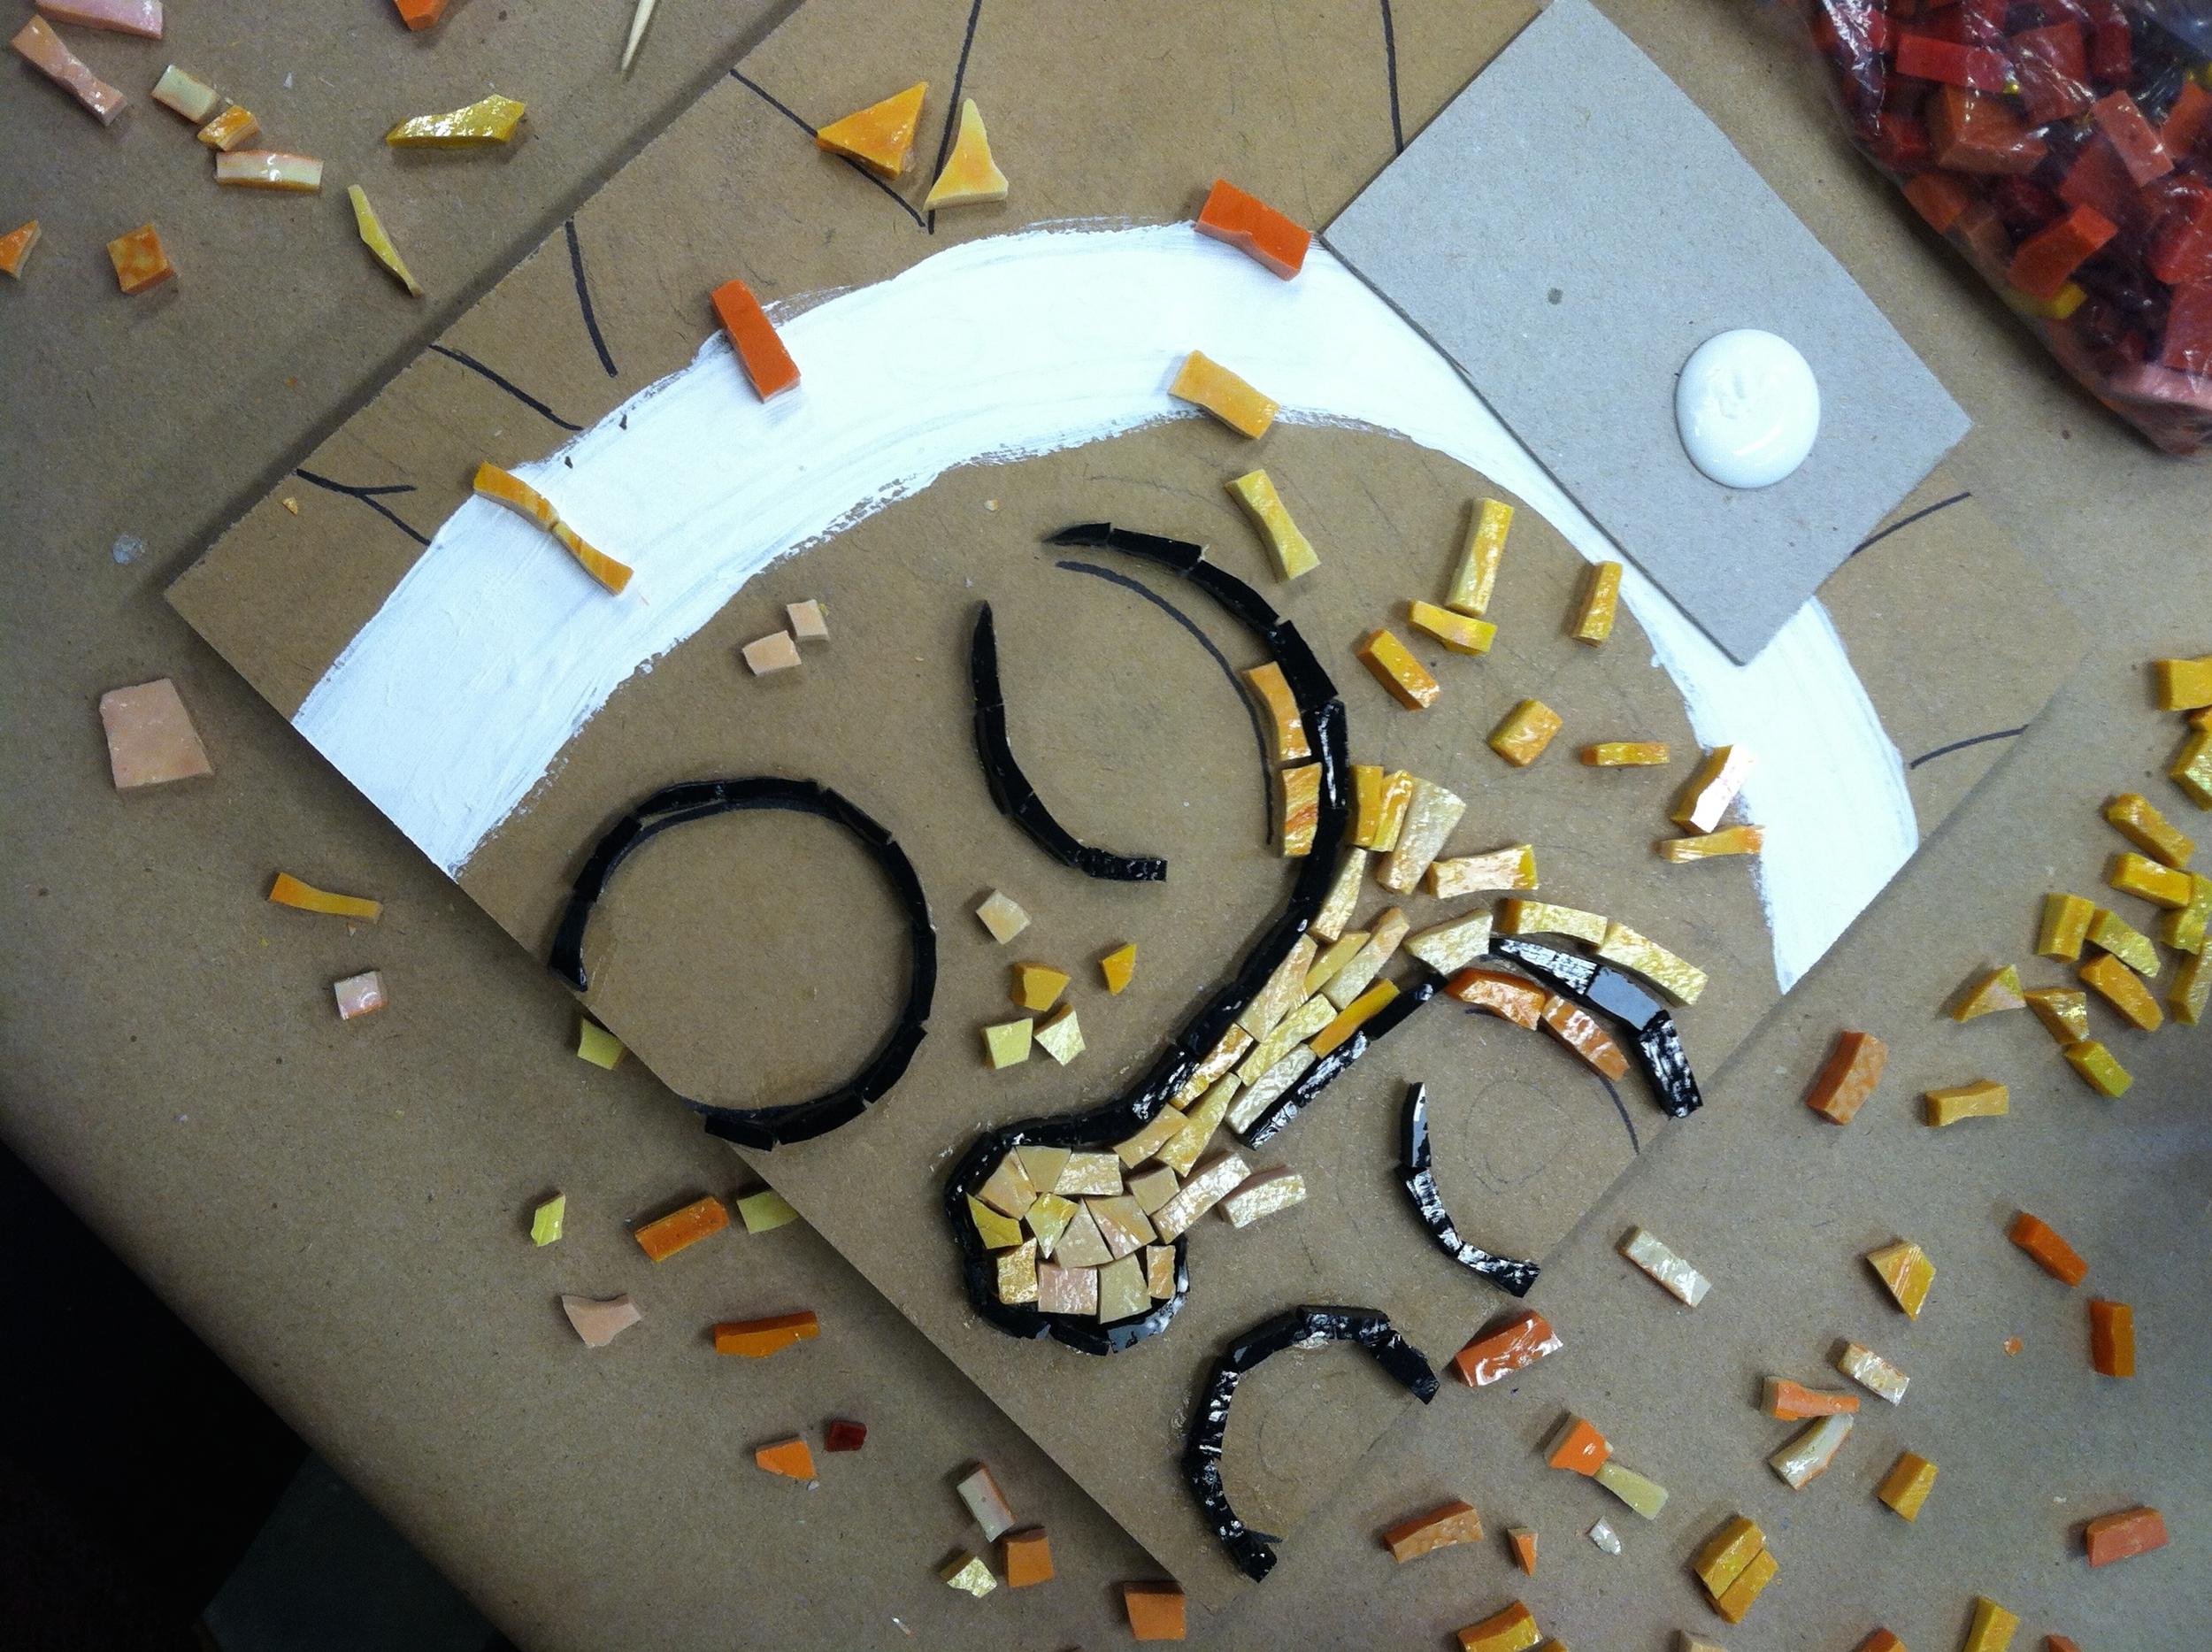 Dianne Henning's mosaic